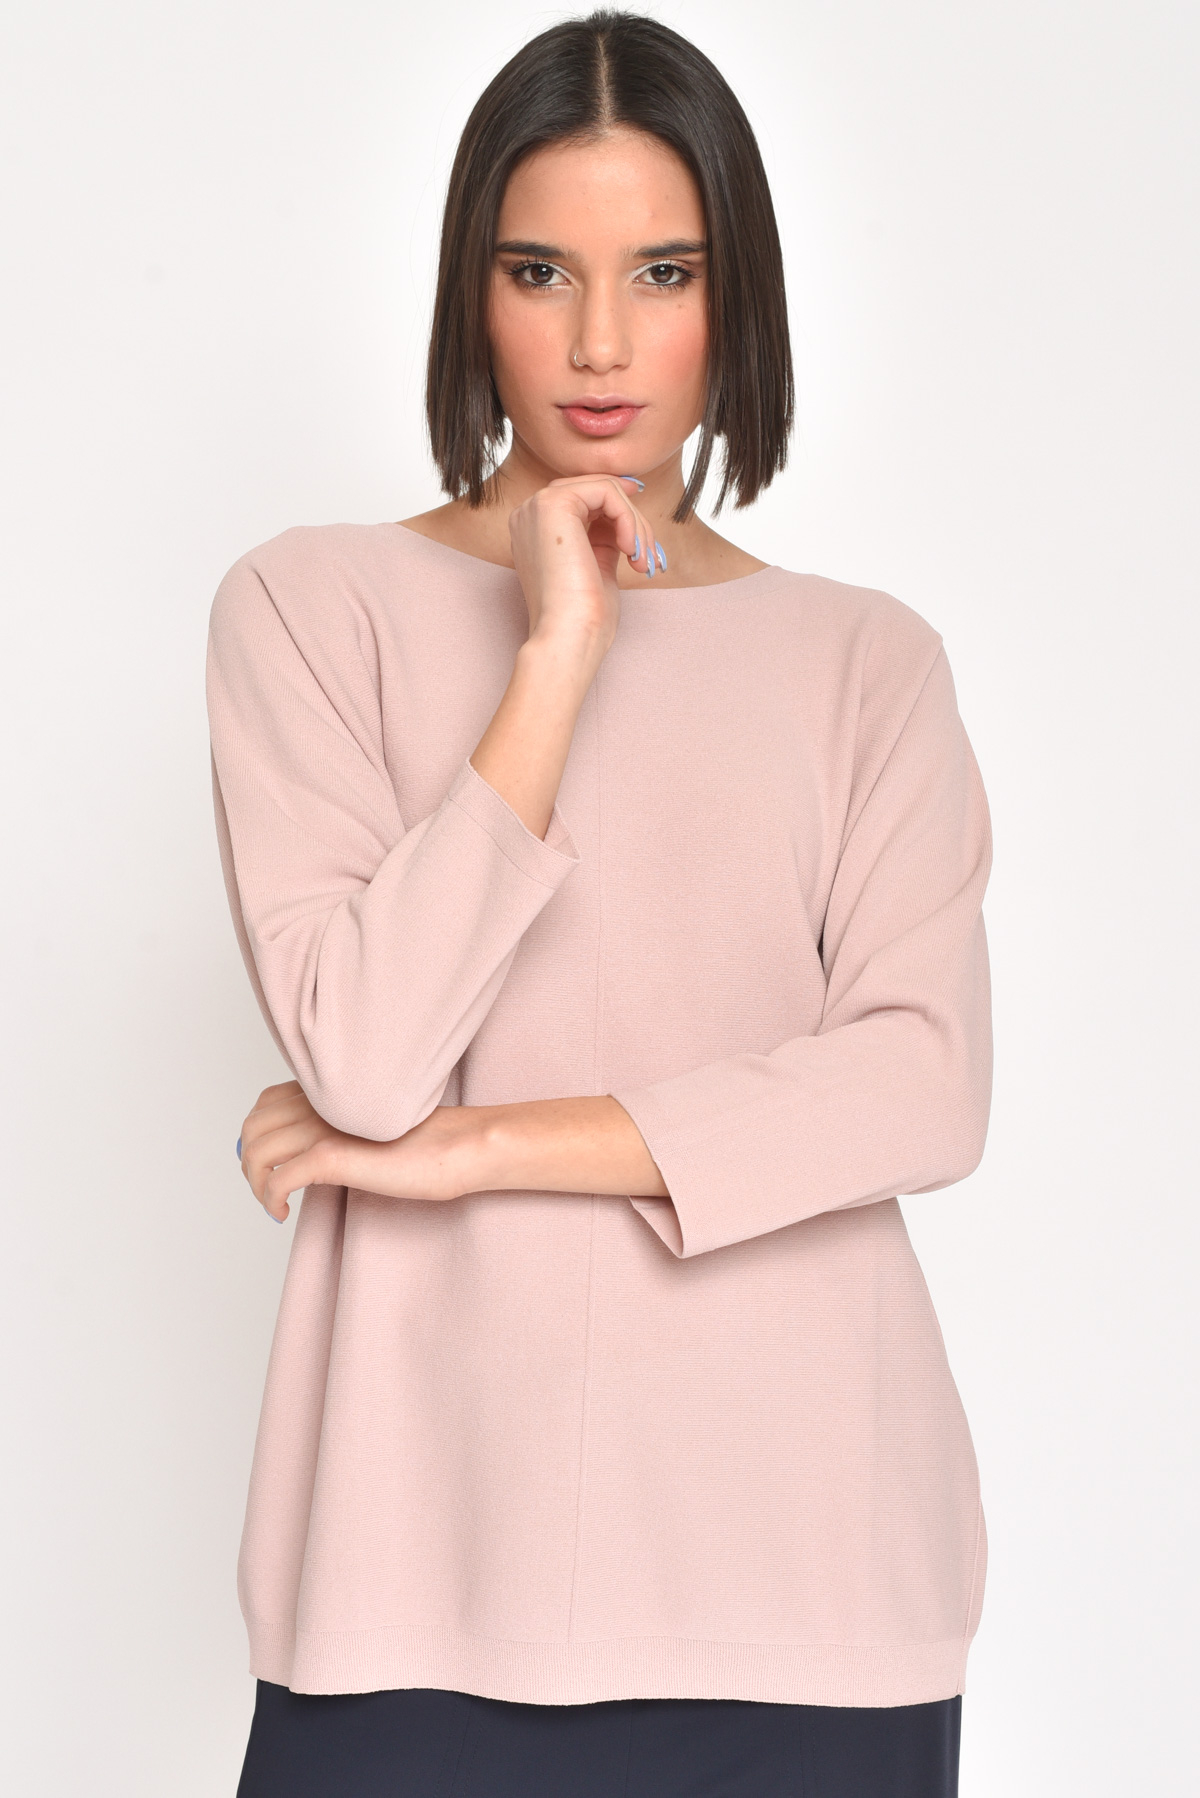 MAGLIA IN VISCOSA A BARCHETTA  da donna - ROSA - Paquito Pronto Moda Shop Online